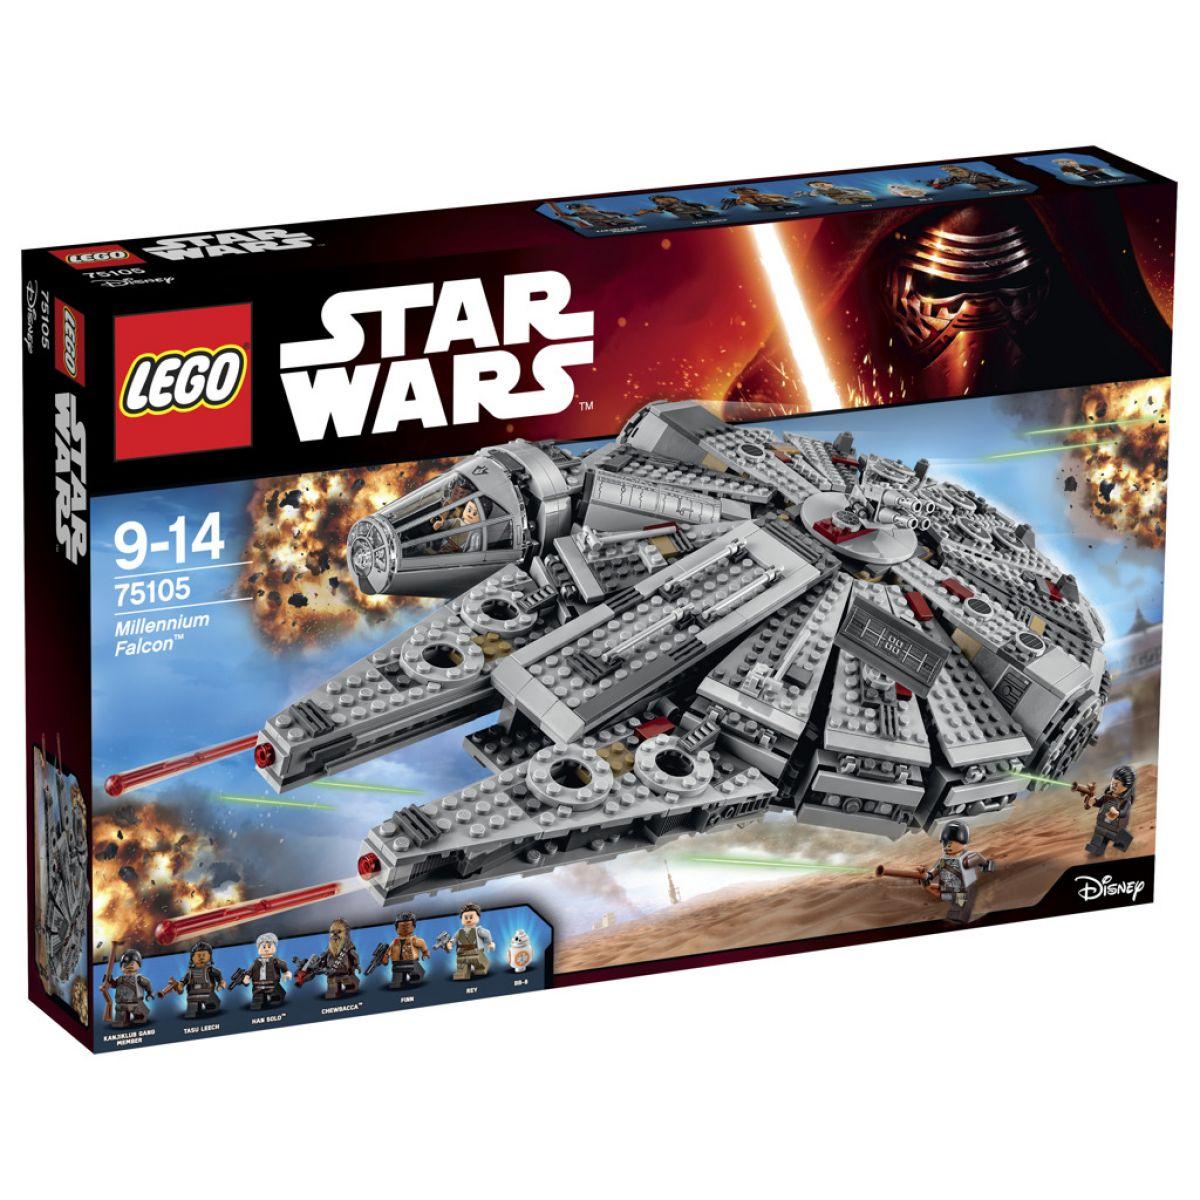 LEGO Star Wars 75105 Millennium Falcon - Poškozený obal